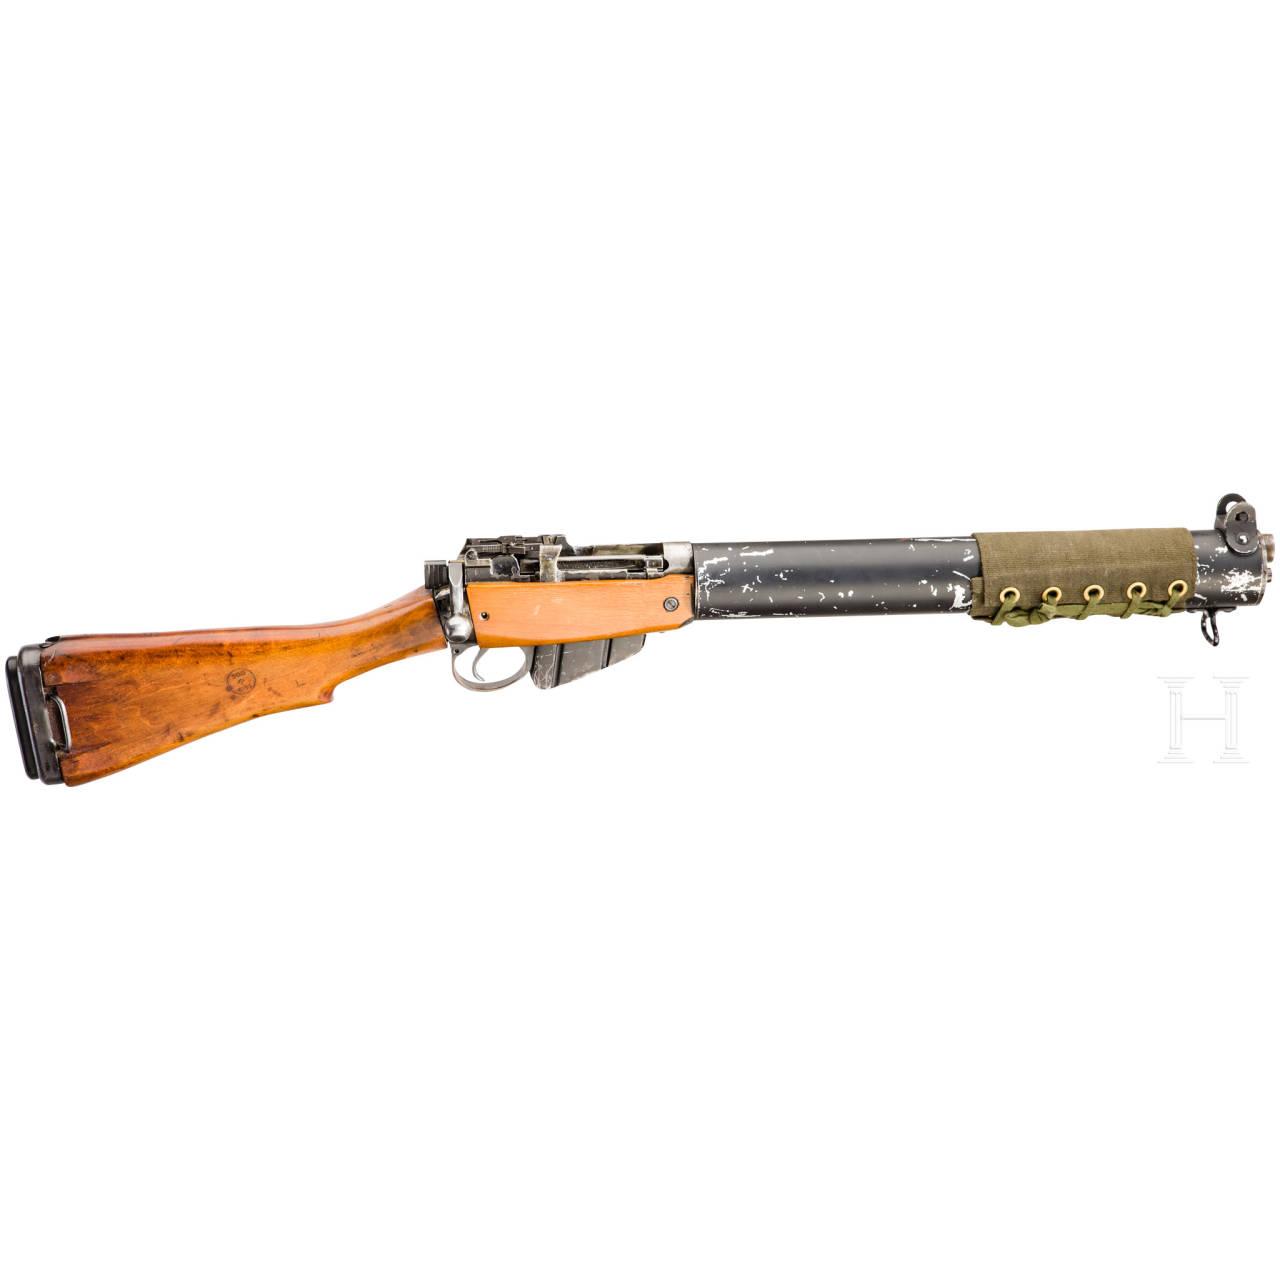 Enfield De Lisle Commando Carbine, Silencer